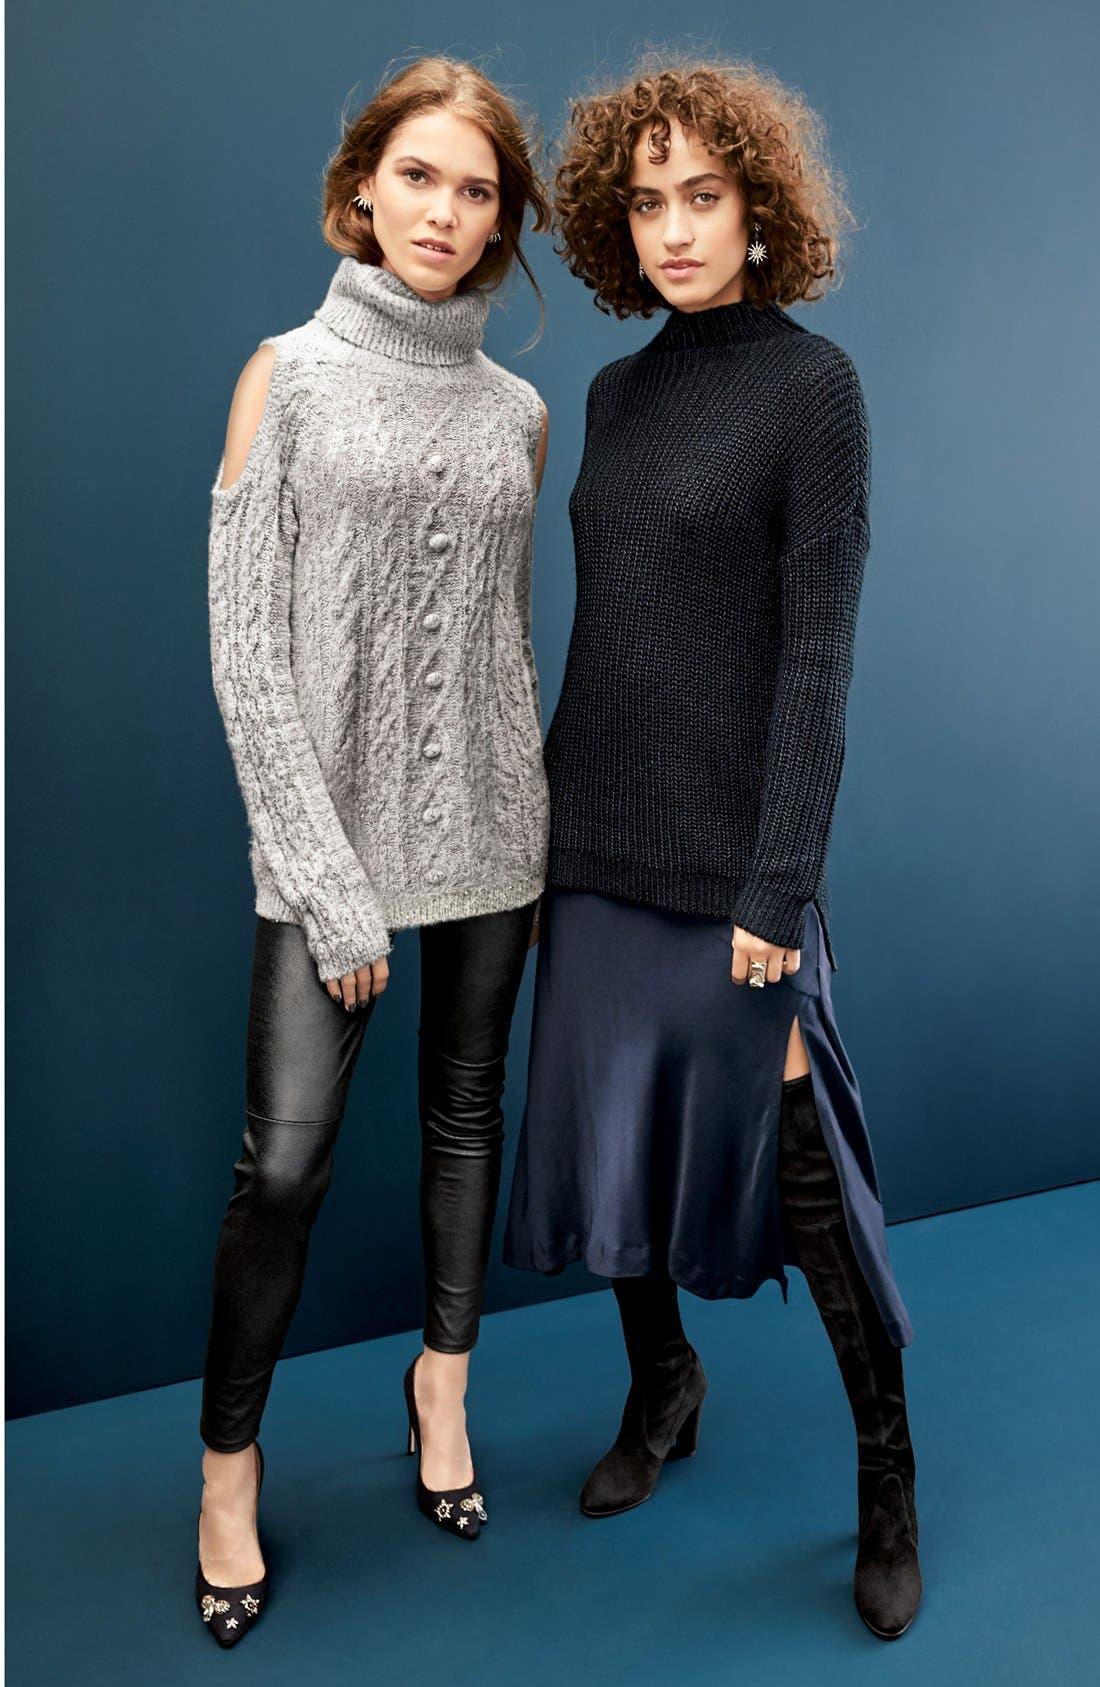 Chelsea28 Sweater & Trouvé Leggings, Trouvé Sweater & Skirt Outfits